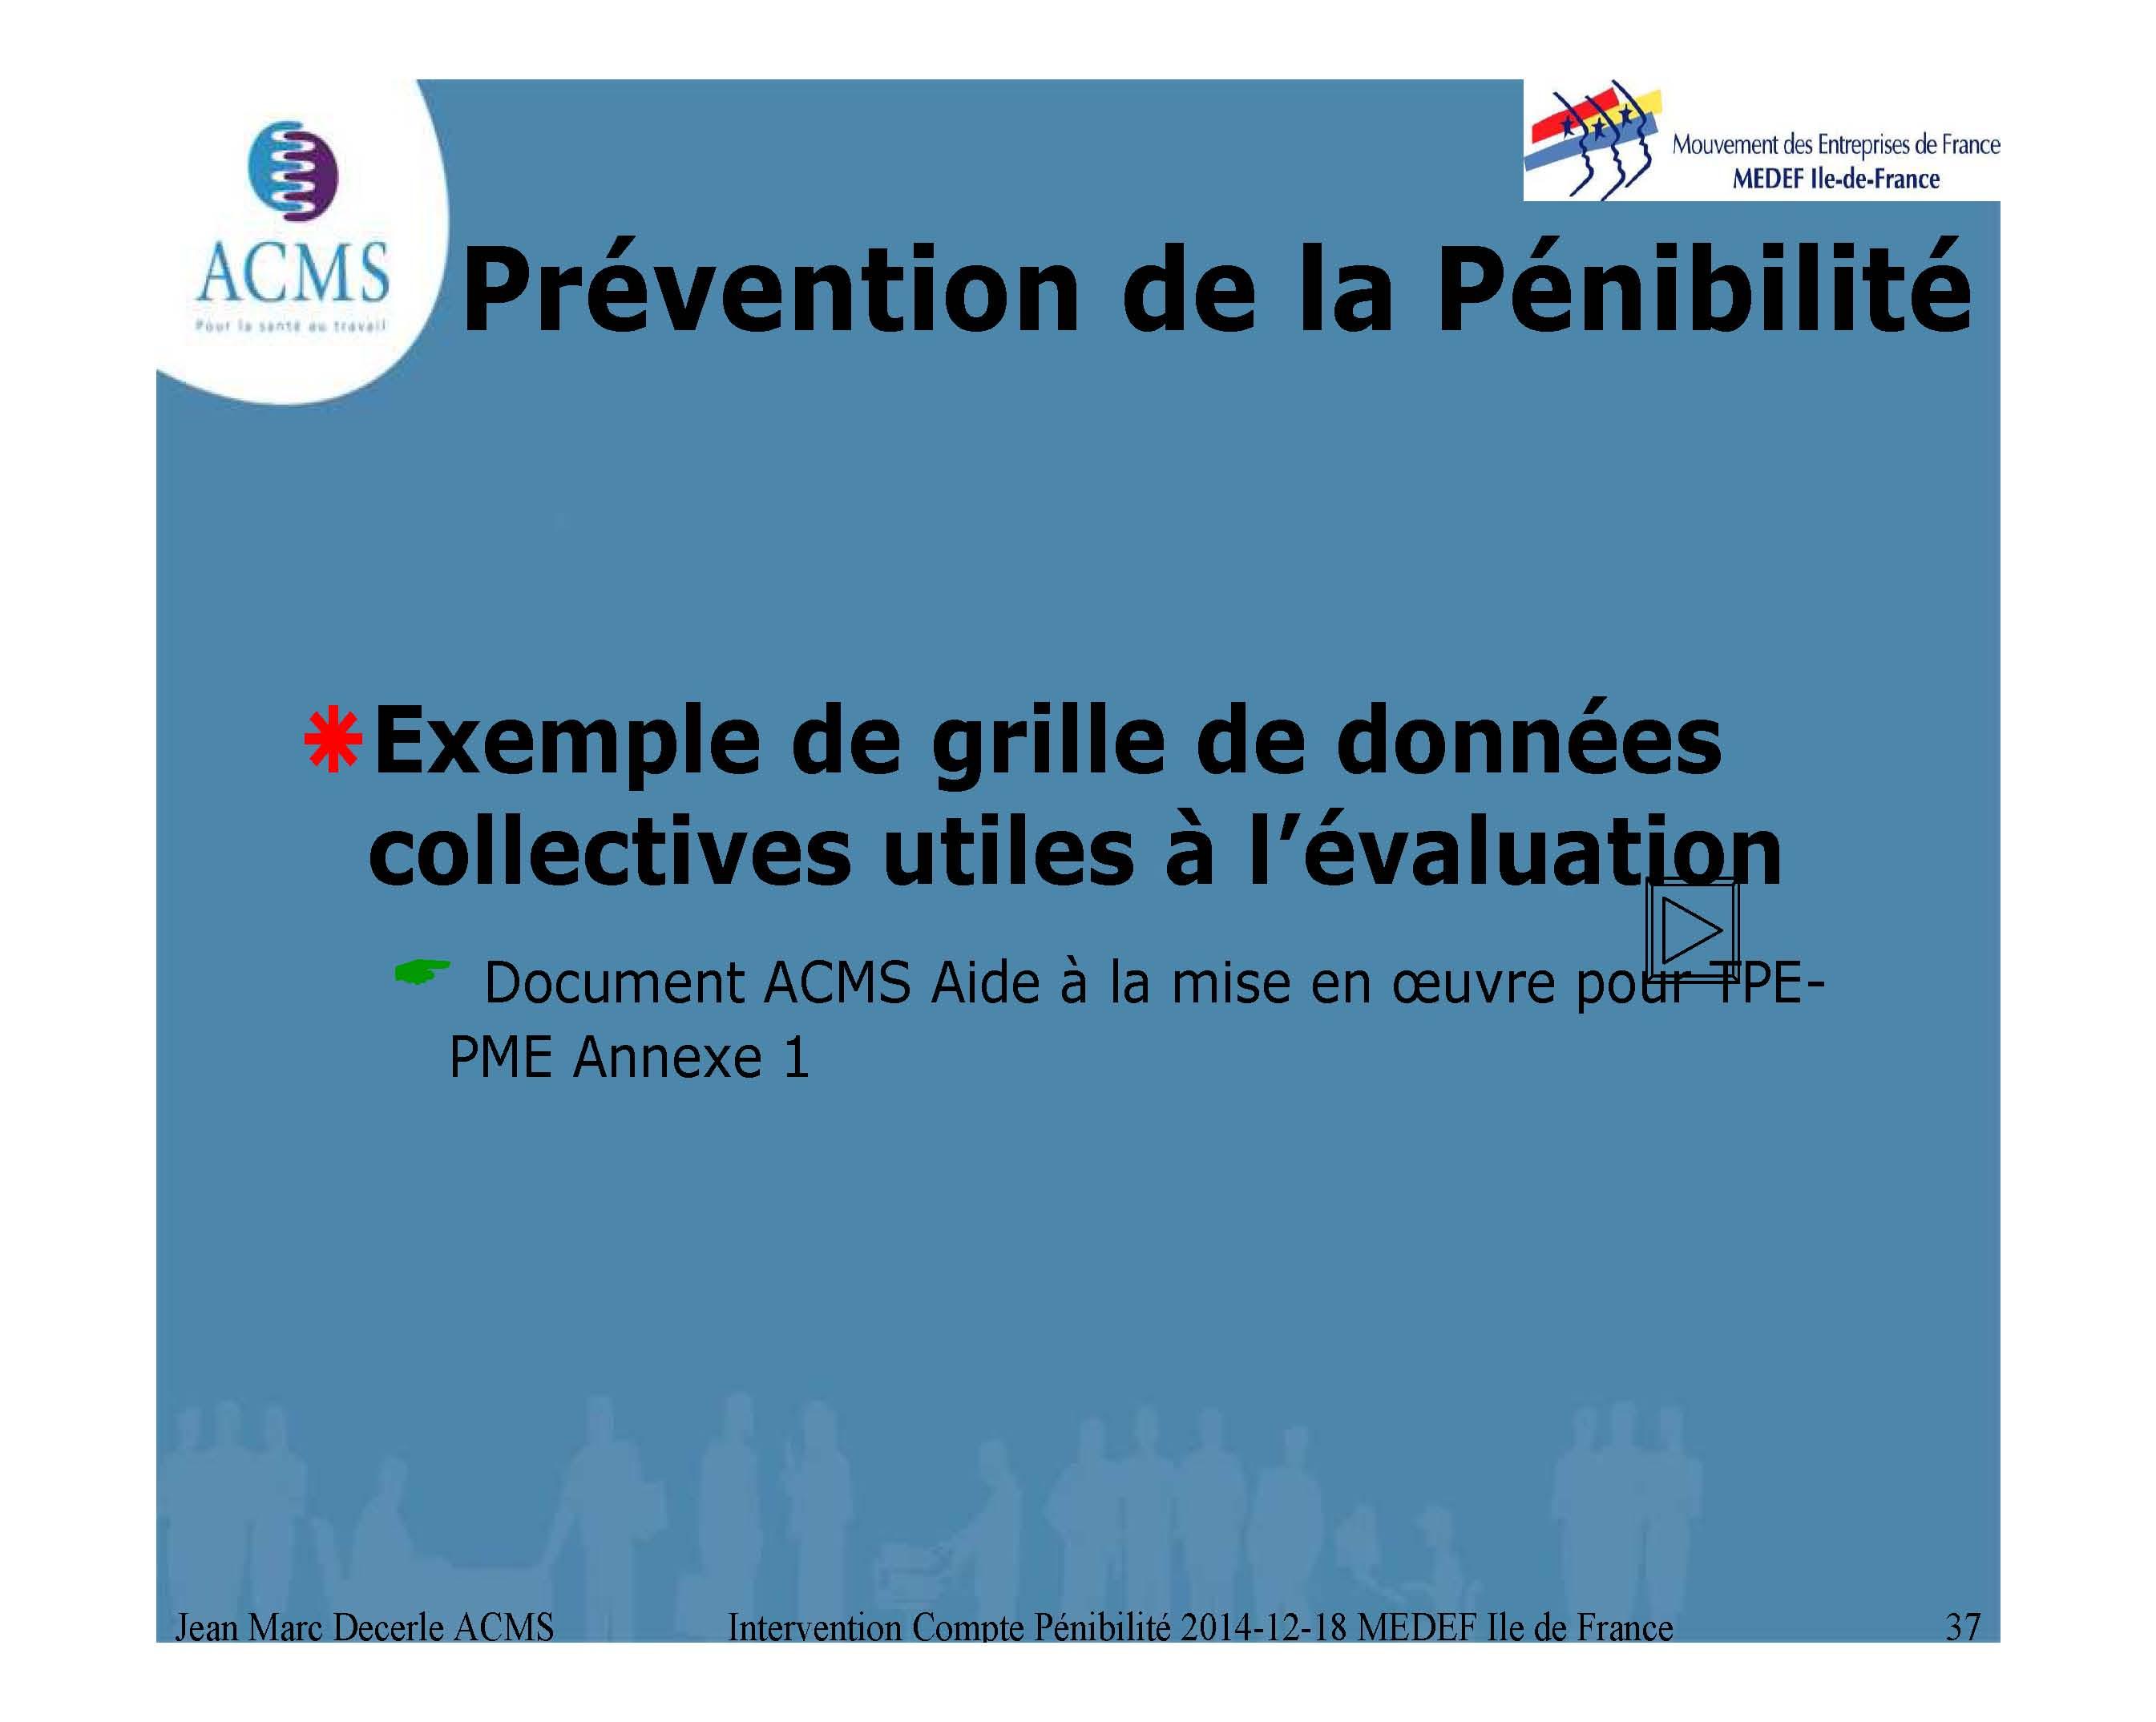 2014-12-18 Compte Pénibilite MEDEF Ile de France_Page_37